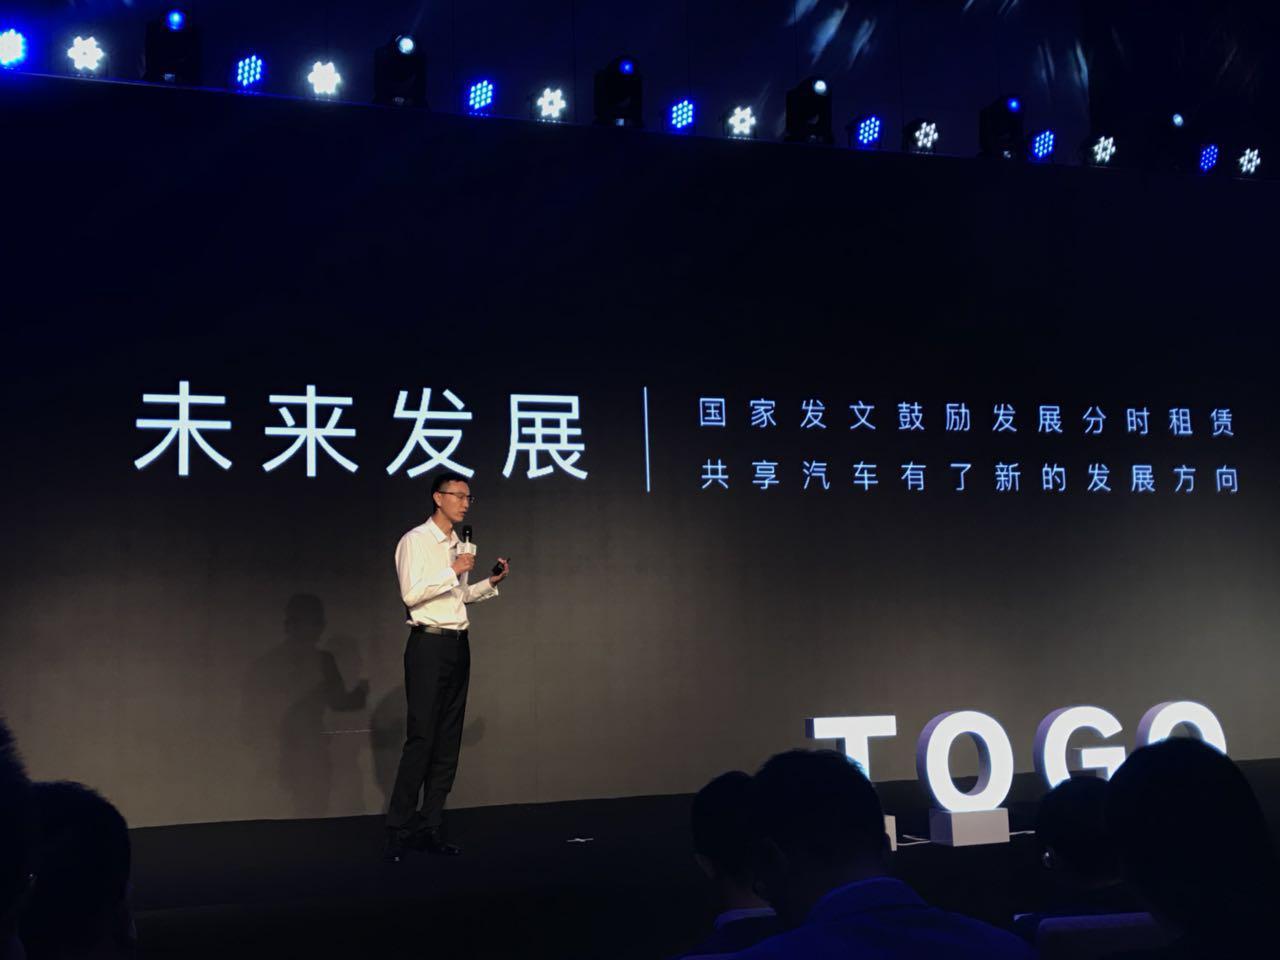 TOGO途歌发布新一代操作系统 共享汽车进入2.0时代